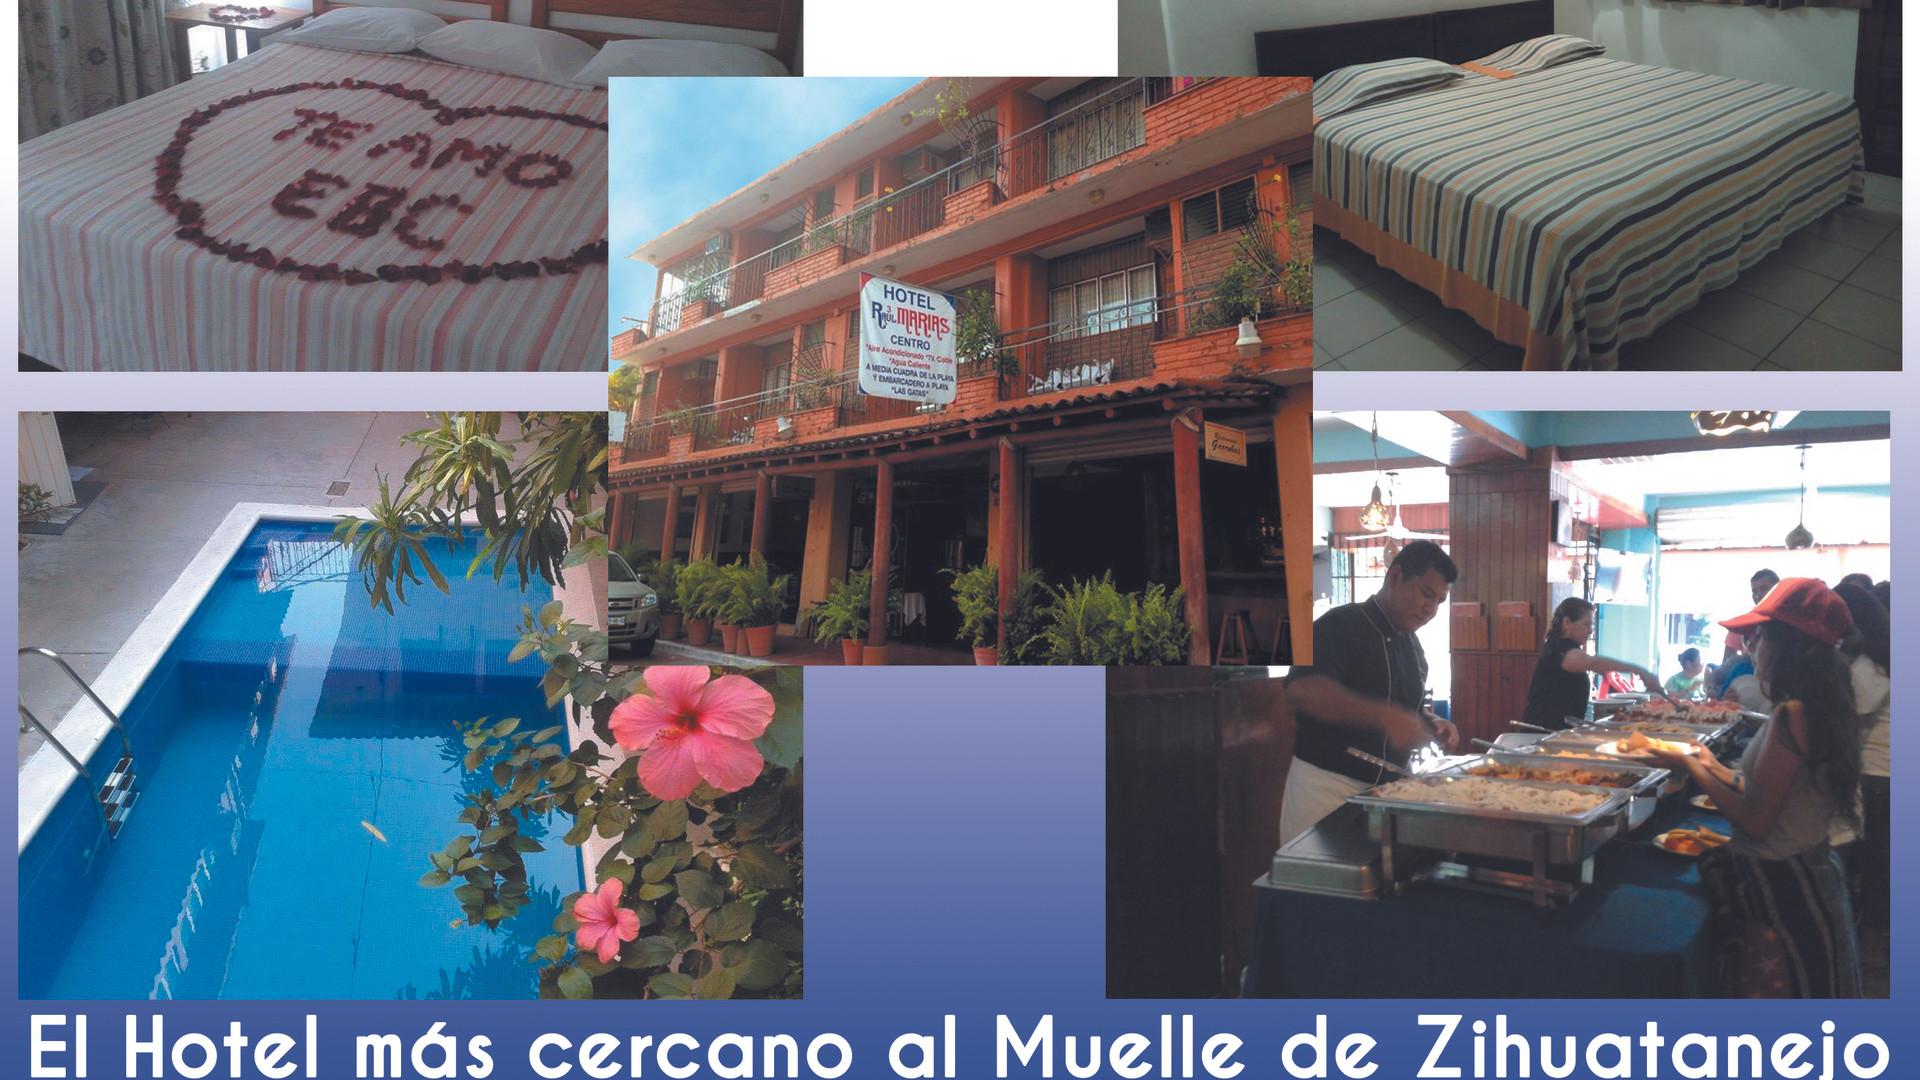 El Hotel más cercano al Muelle de Zihuatanejo  Hotel Raúl 3 Marías Centro, es un Hotel100 % Familiar, además de ser el preferido por generaciones de pescadores de Pesca Deportiva.  Todas las habitaciones cuentan con: ~ Aire Acondicionado ~ Baño privado con agua caliente ~ TV Cable ~ 10 habitaciones de 20 cuentan con balcón privado. ~ WiFi en la zona de Restaurant y Alberca ~ Tarifas especiales a Grupos  RESERVACIONES:  Cel. +52 777 363 0933 Cel. +52 755 114 1036